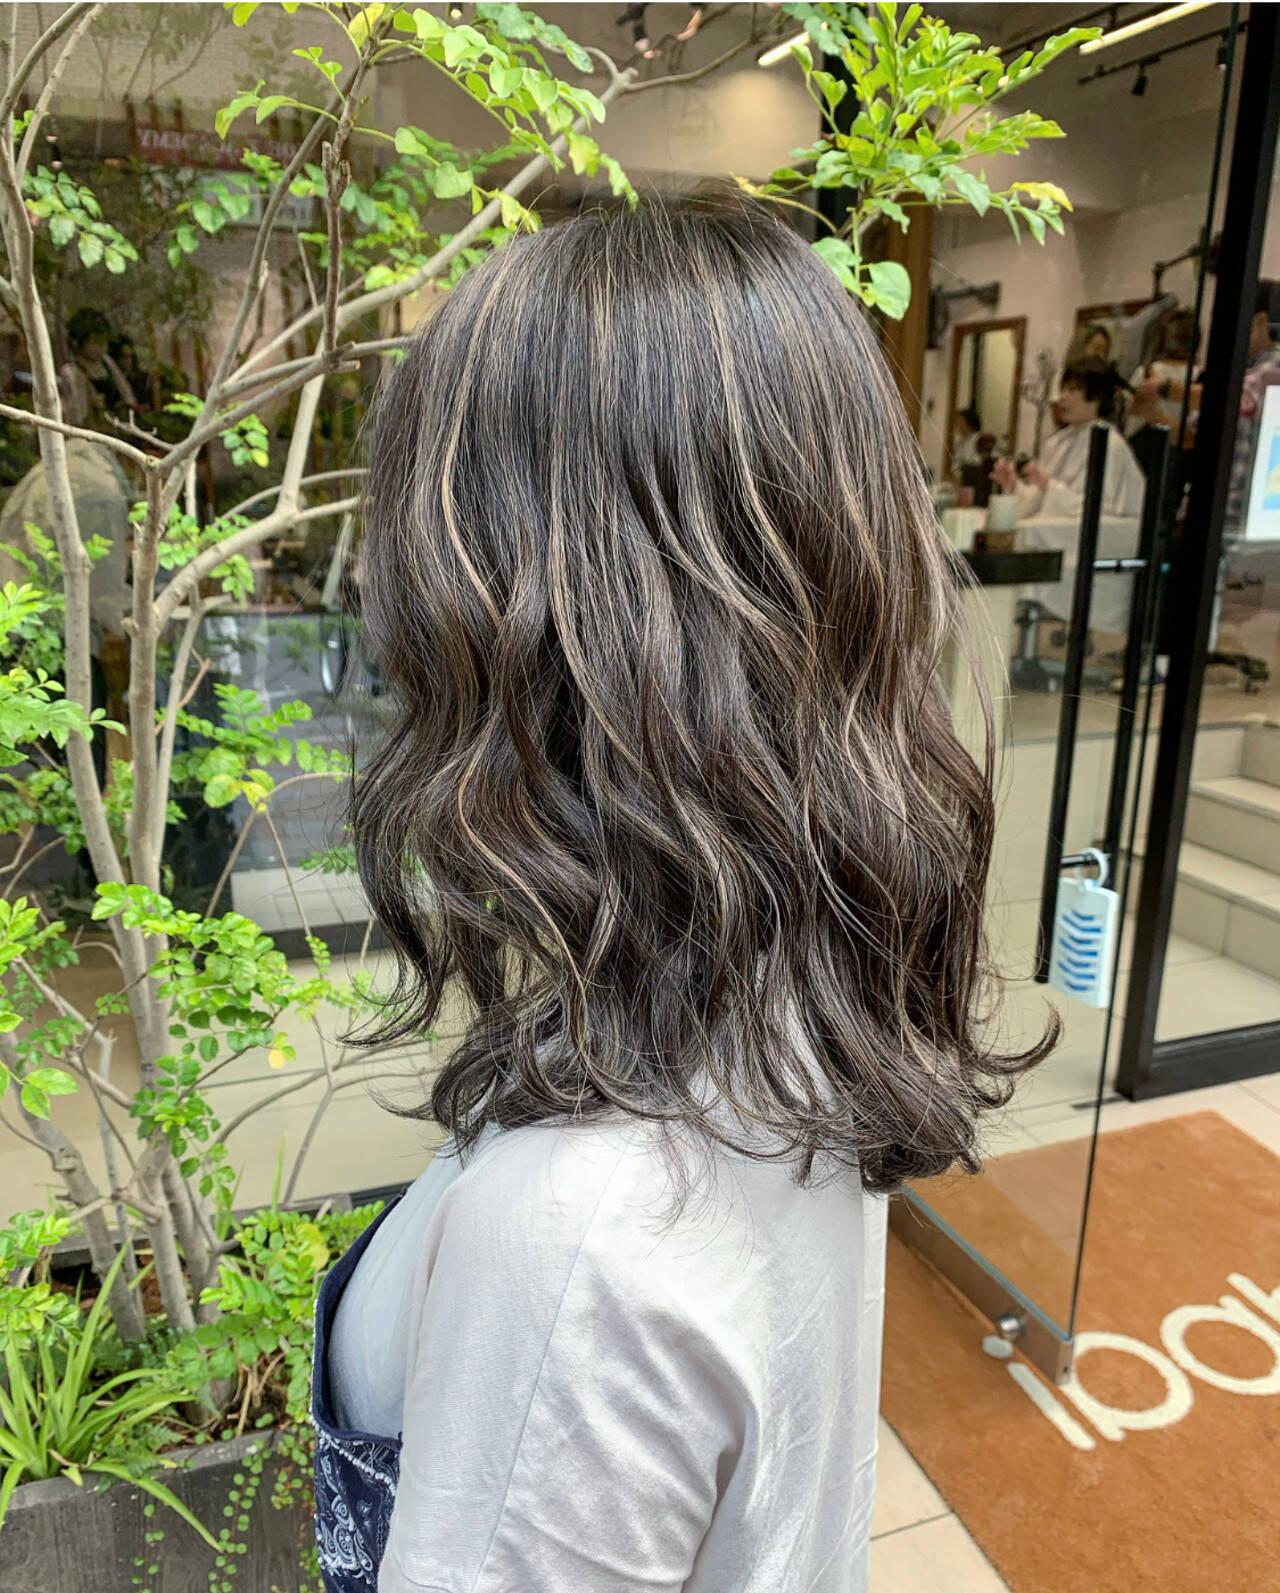 3Dハイライト コントラストハイライト セミロング ミルクティーヘアスタイルや髪型の写真・画像